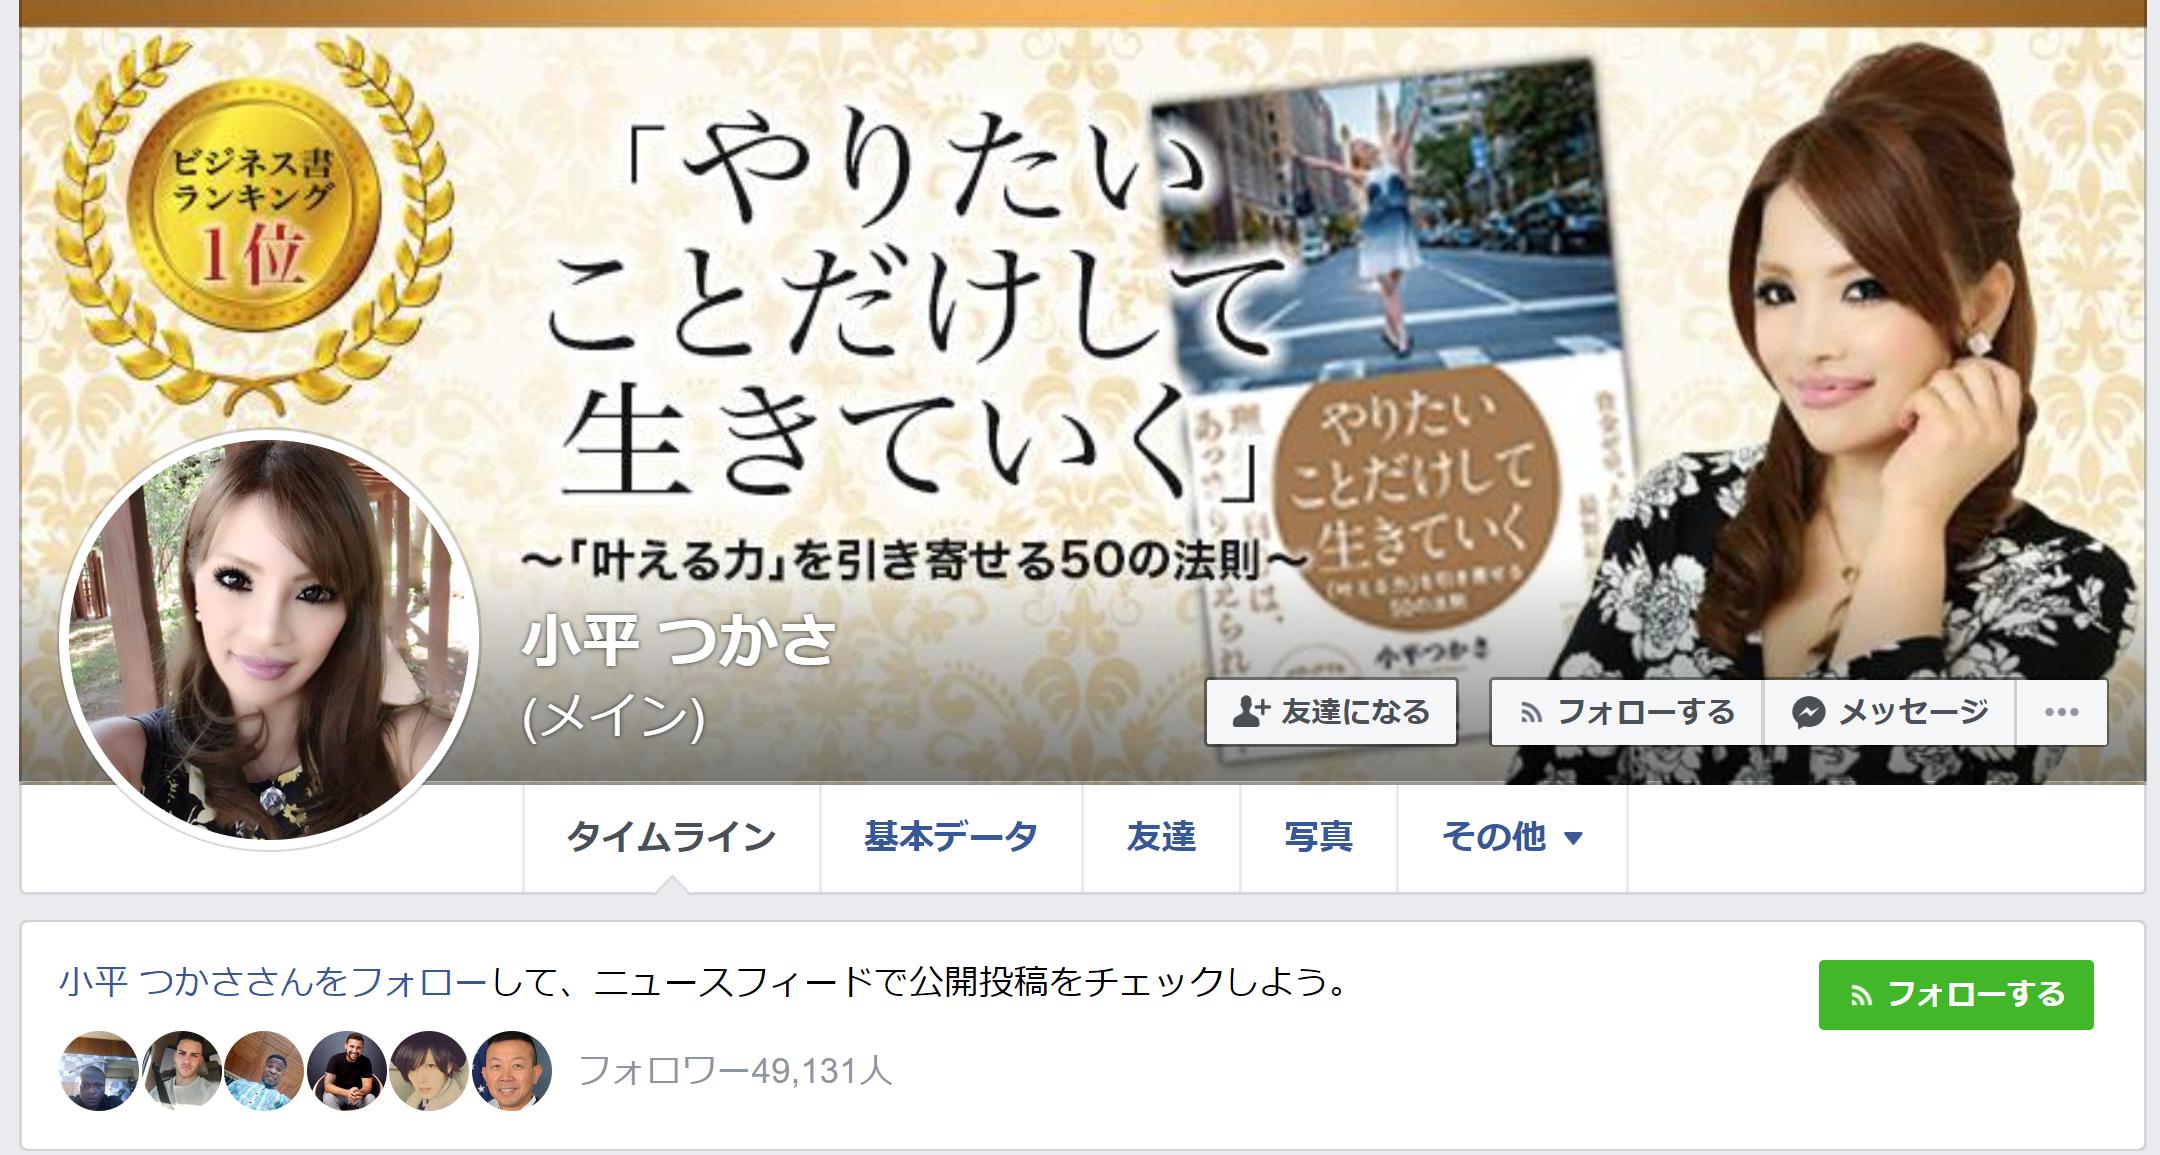 小平つかさのFacebookトップページ画像